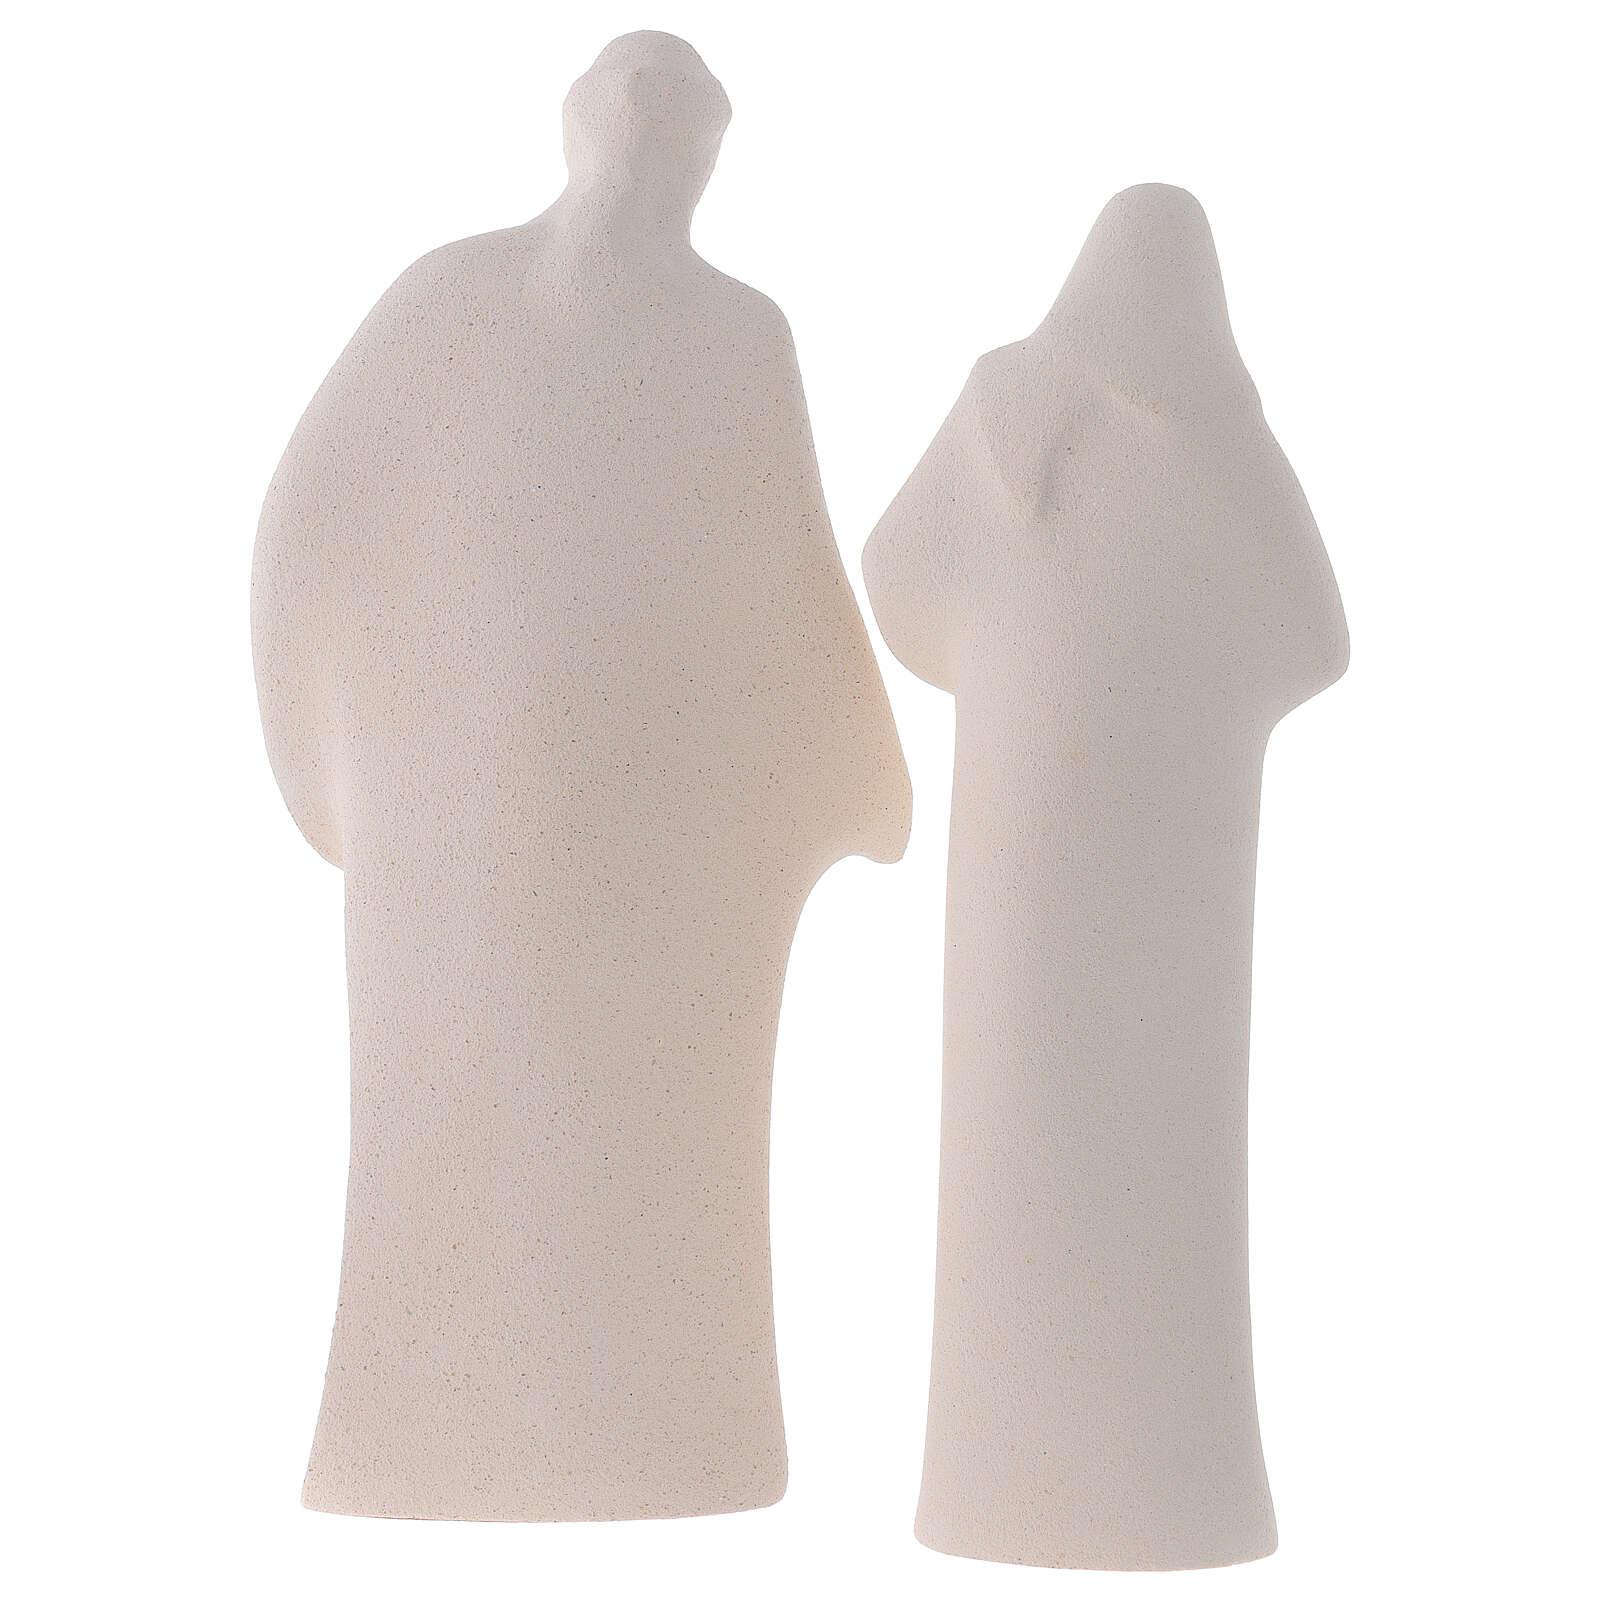 Sagrada Família argila cerâmica Ave 28 cm 4